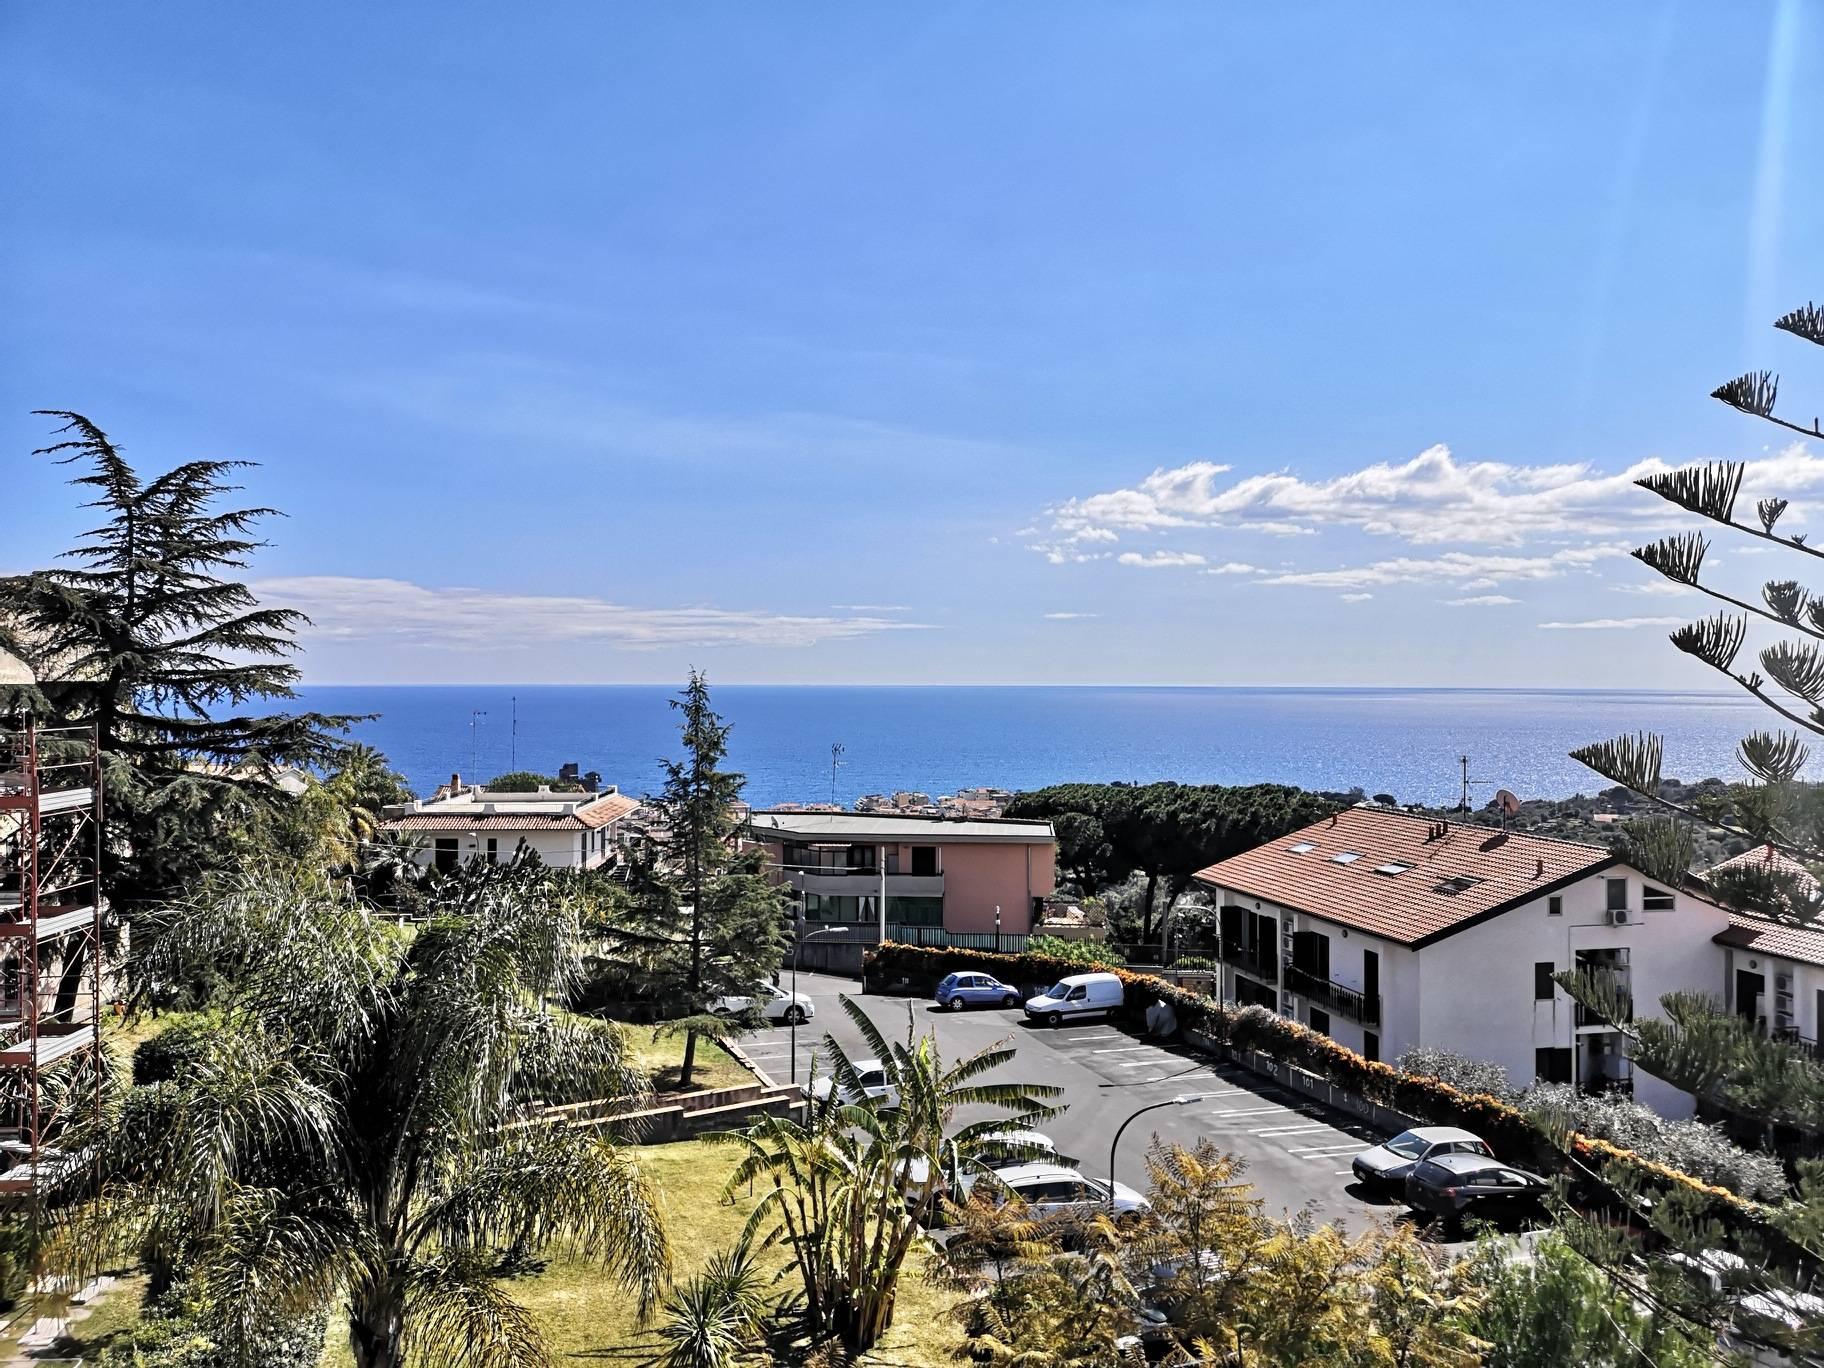 Appartamento in vendita a Aci Castello, 3 locali, zona razzi, prezzo € 149.000 | PortaleAgenzieImmobiliari.it